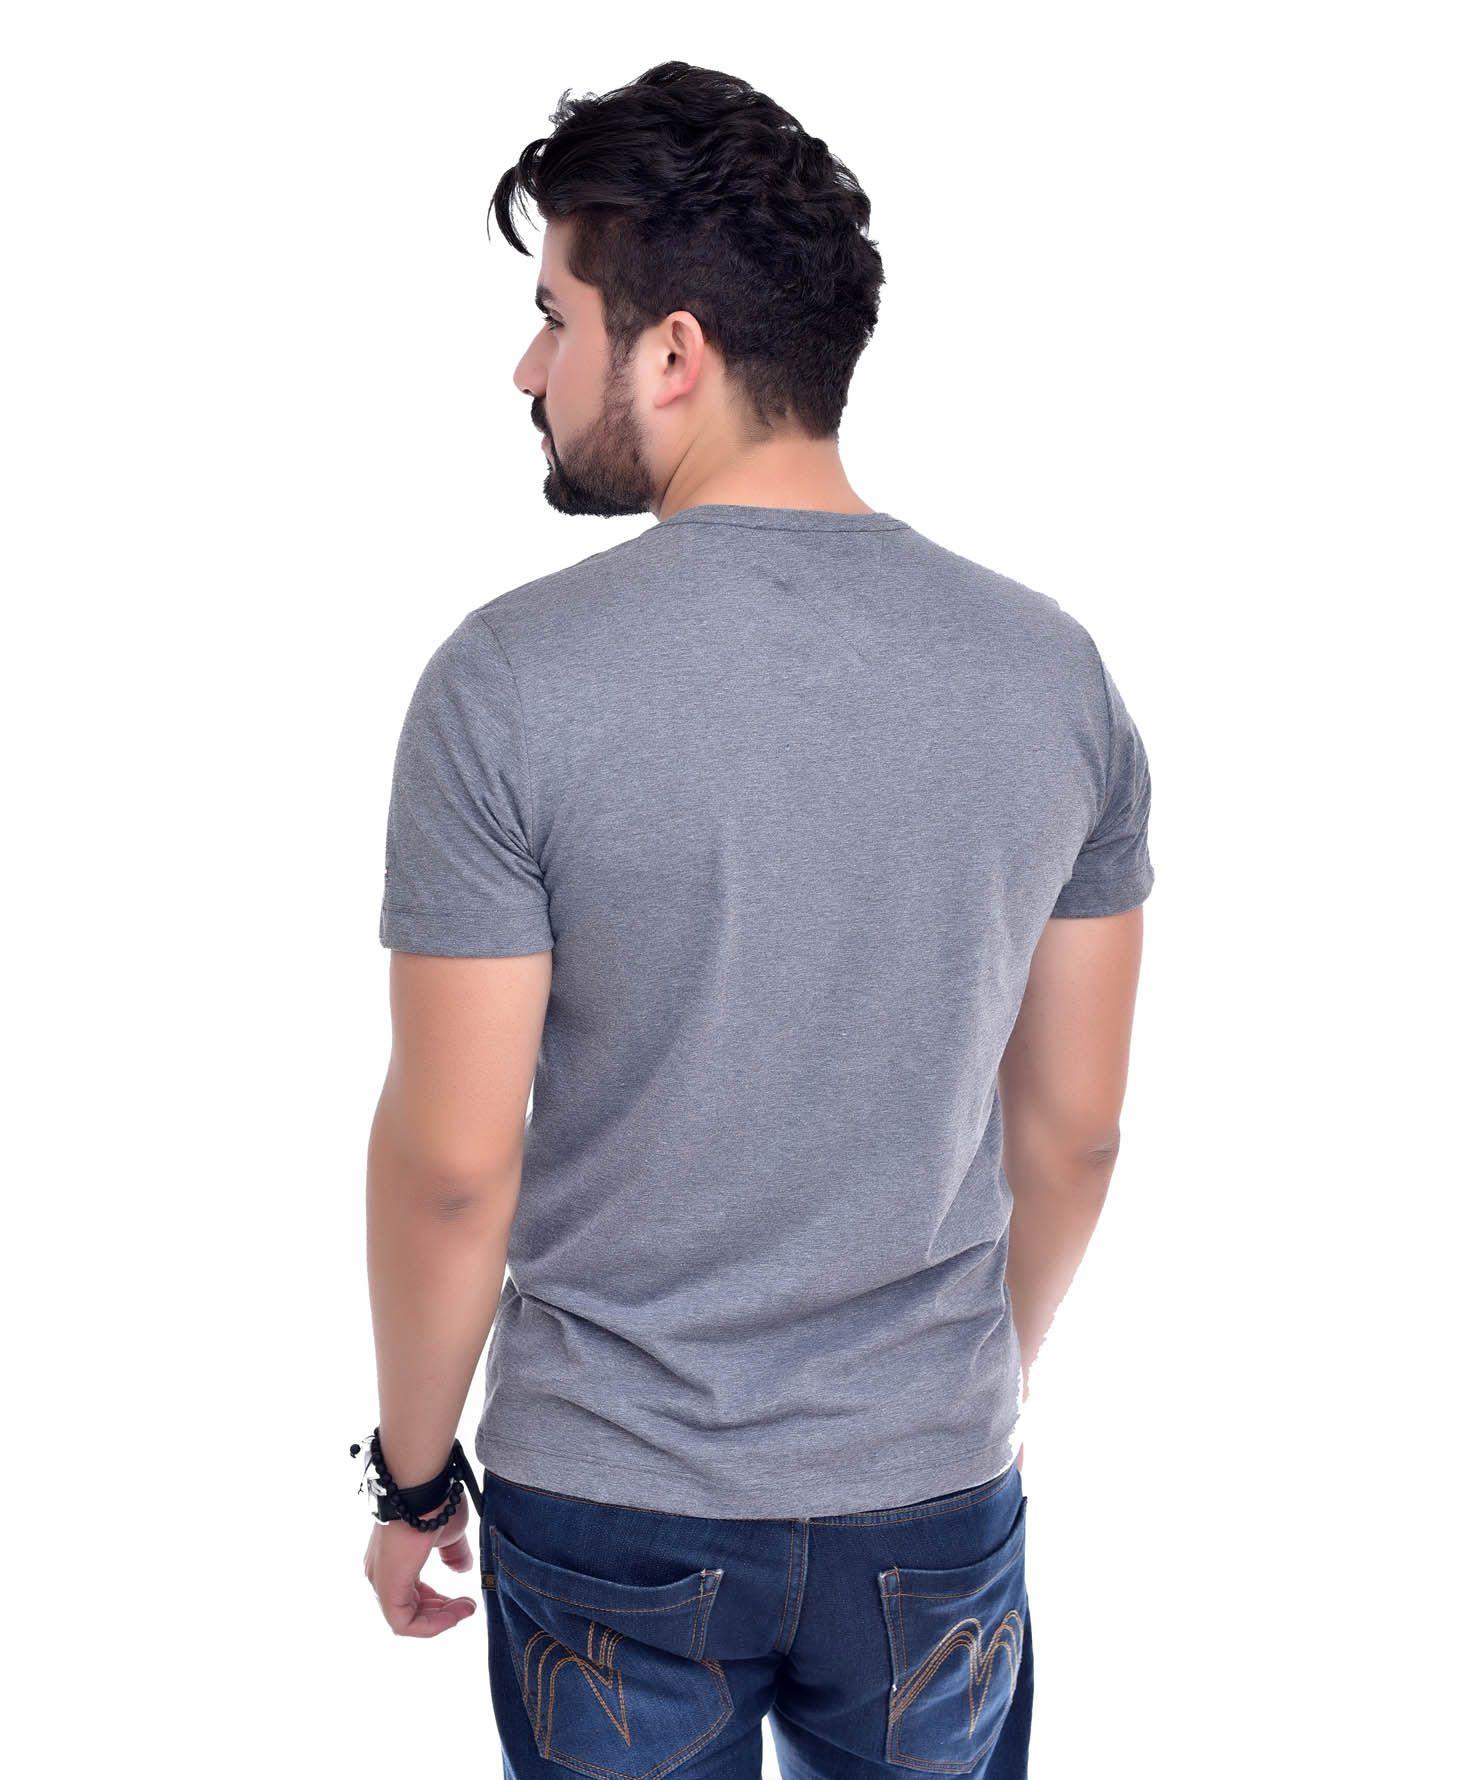 Camiseta Bolso TH Mescla Escuro / MC  - Ca Brasileira